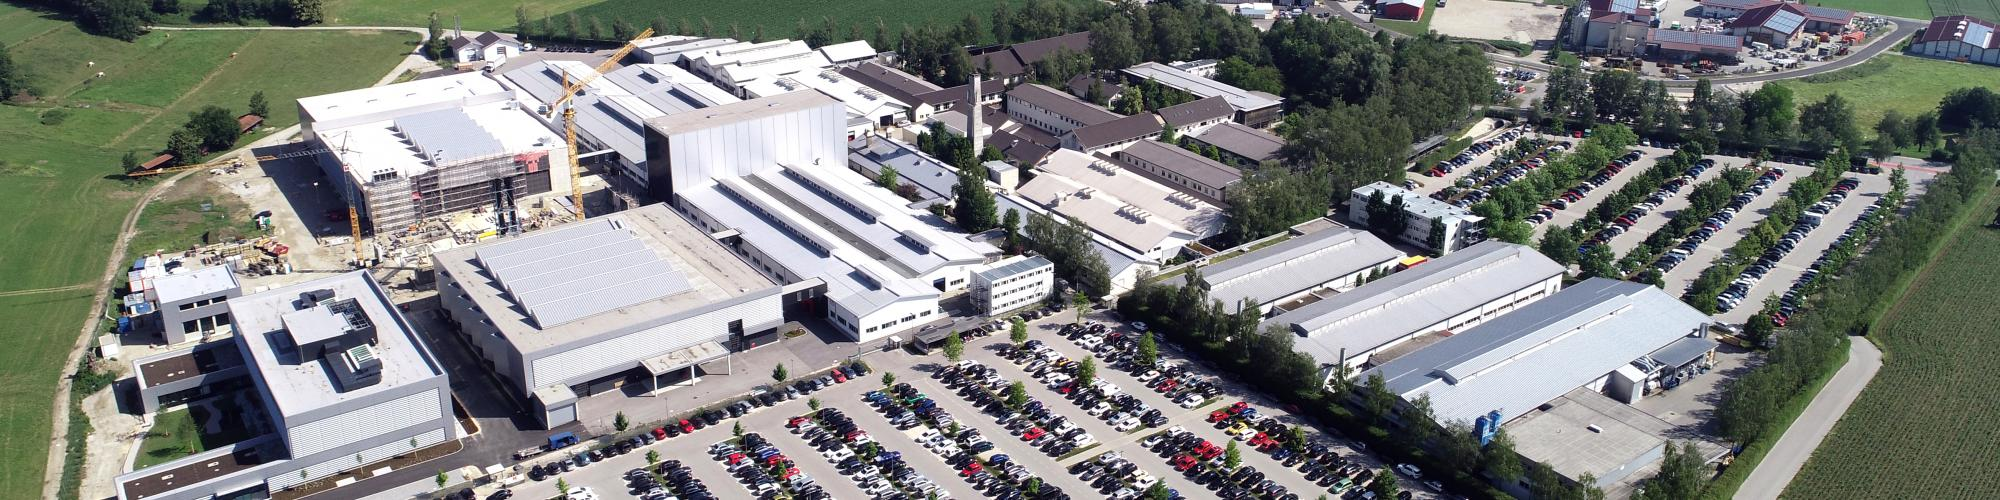 Rosenberger Hochfrequenztechnik GmbH & Co. KG